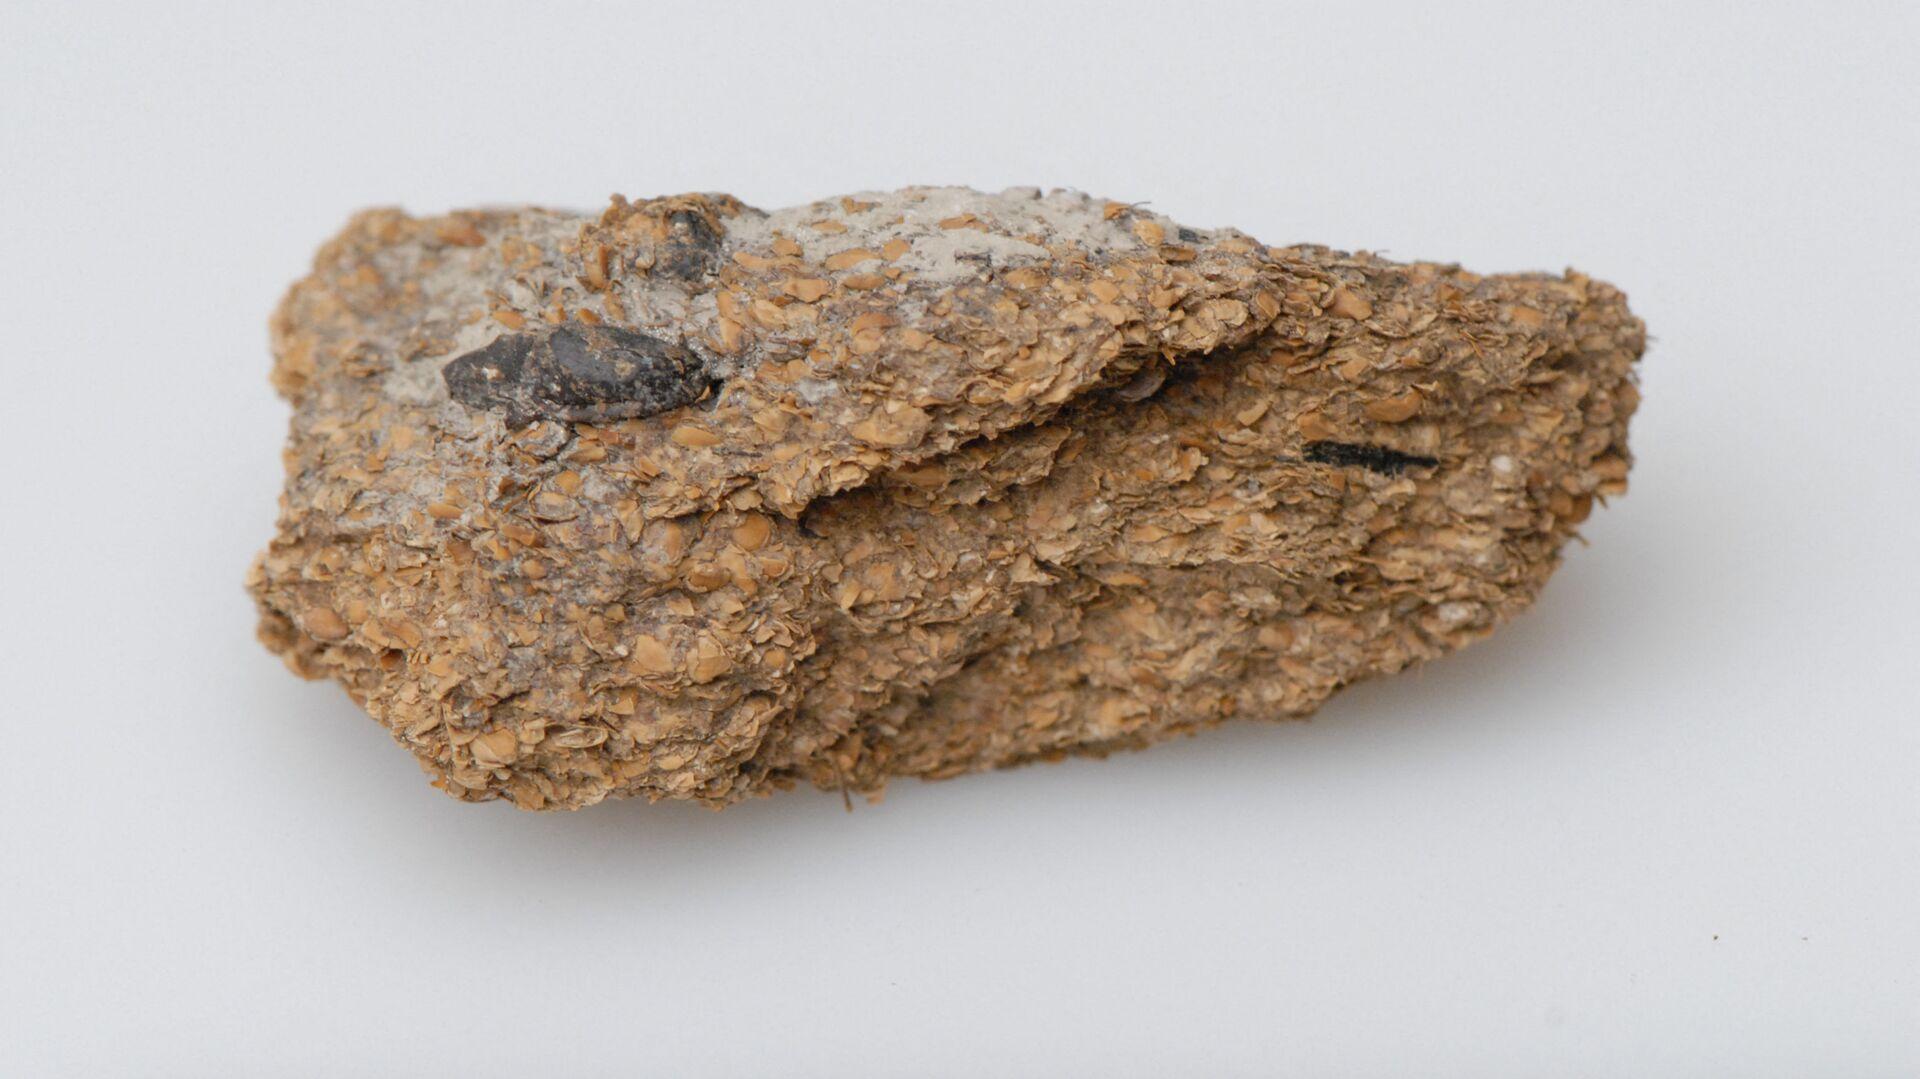 Lidské exkrementy staré 2700 let - Sputnik Česká republika, 1920, 14.10.2021